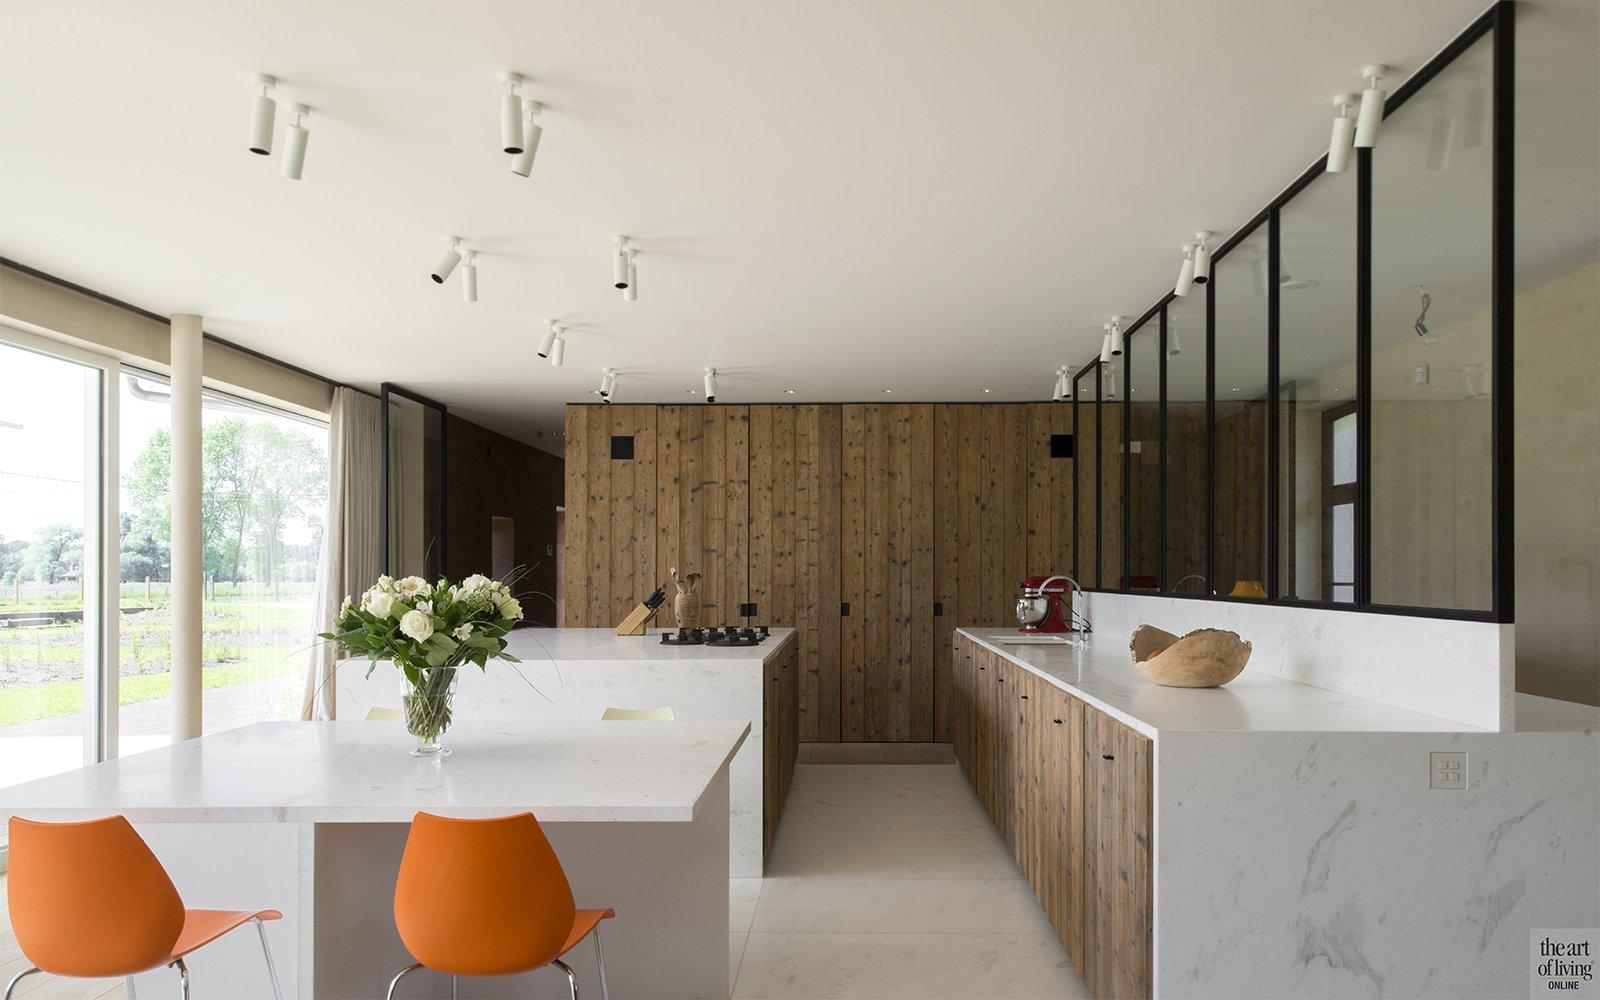 Landelijk moderne keuken glenn reynaert the art of living be